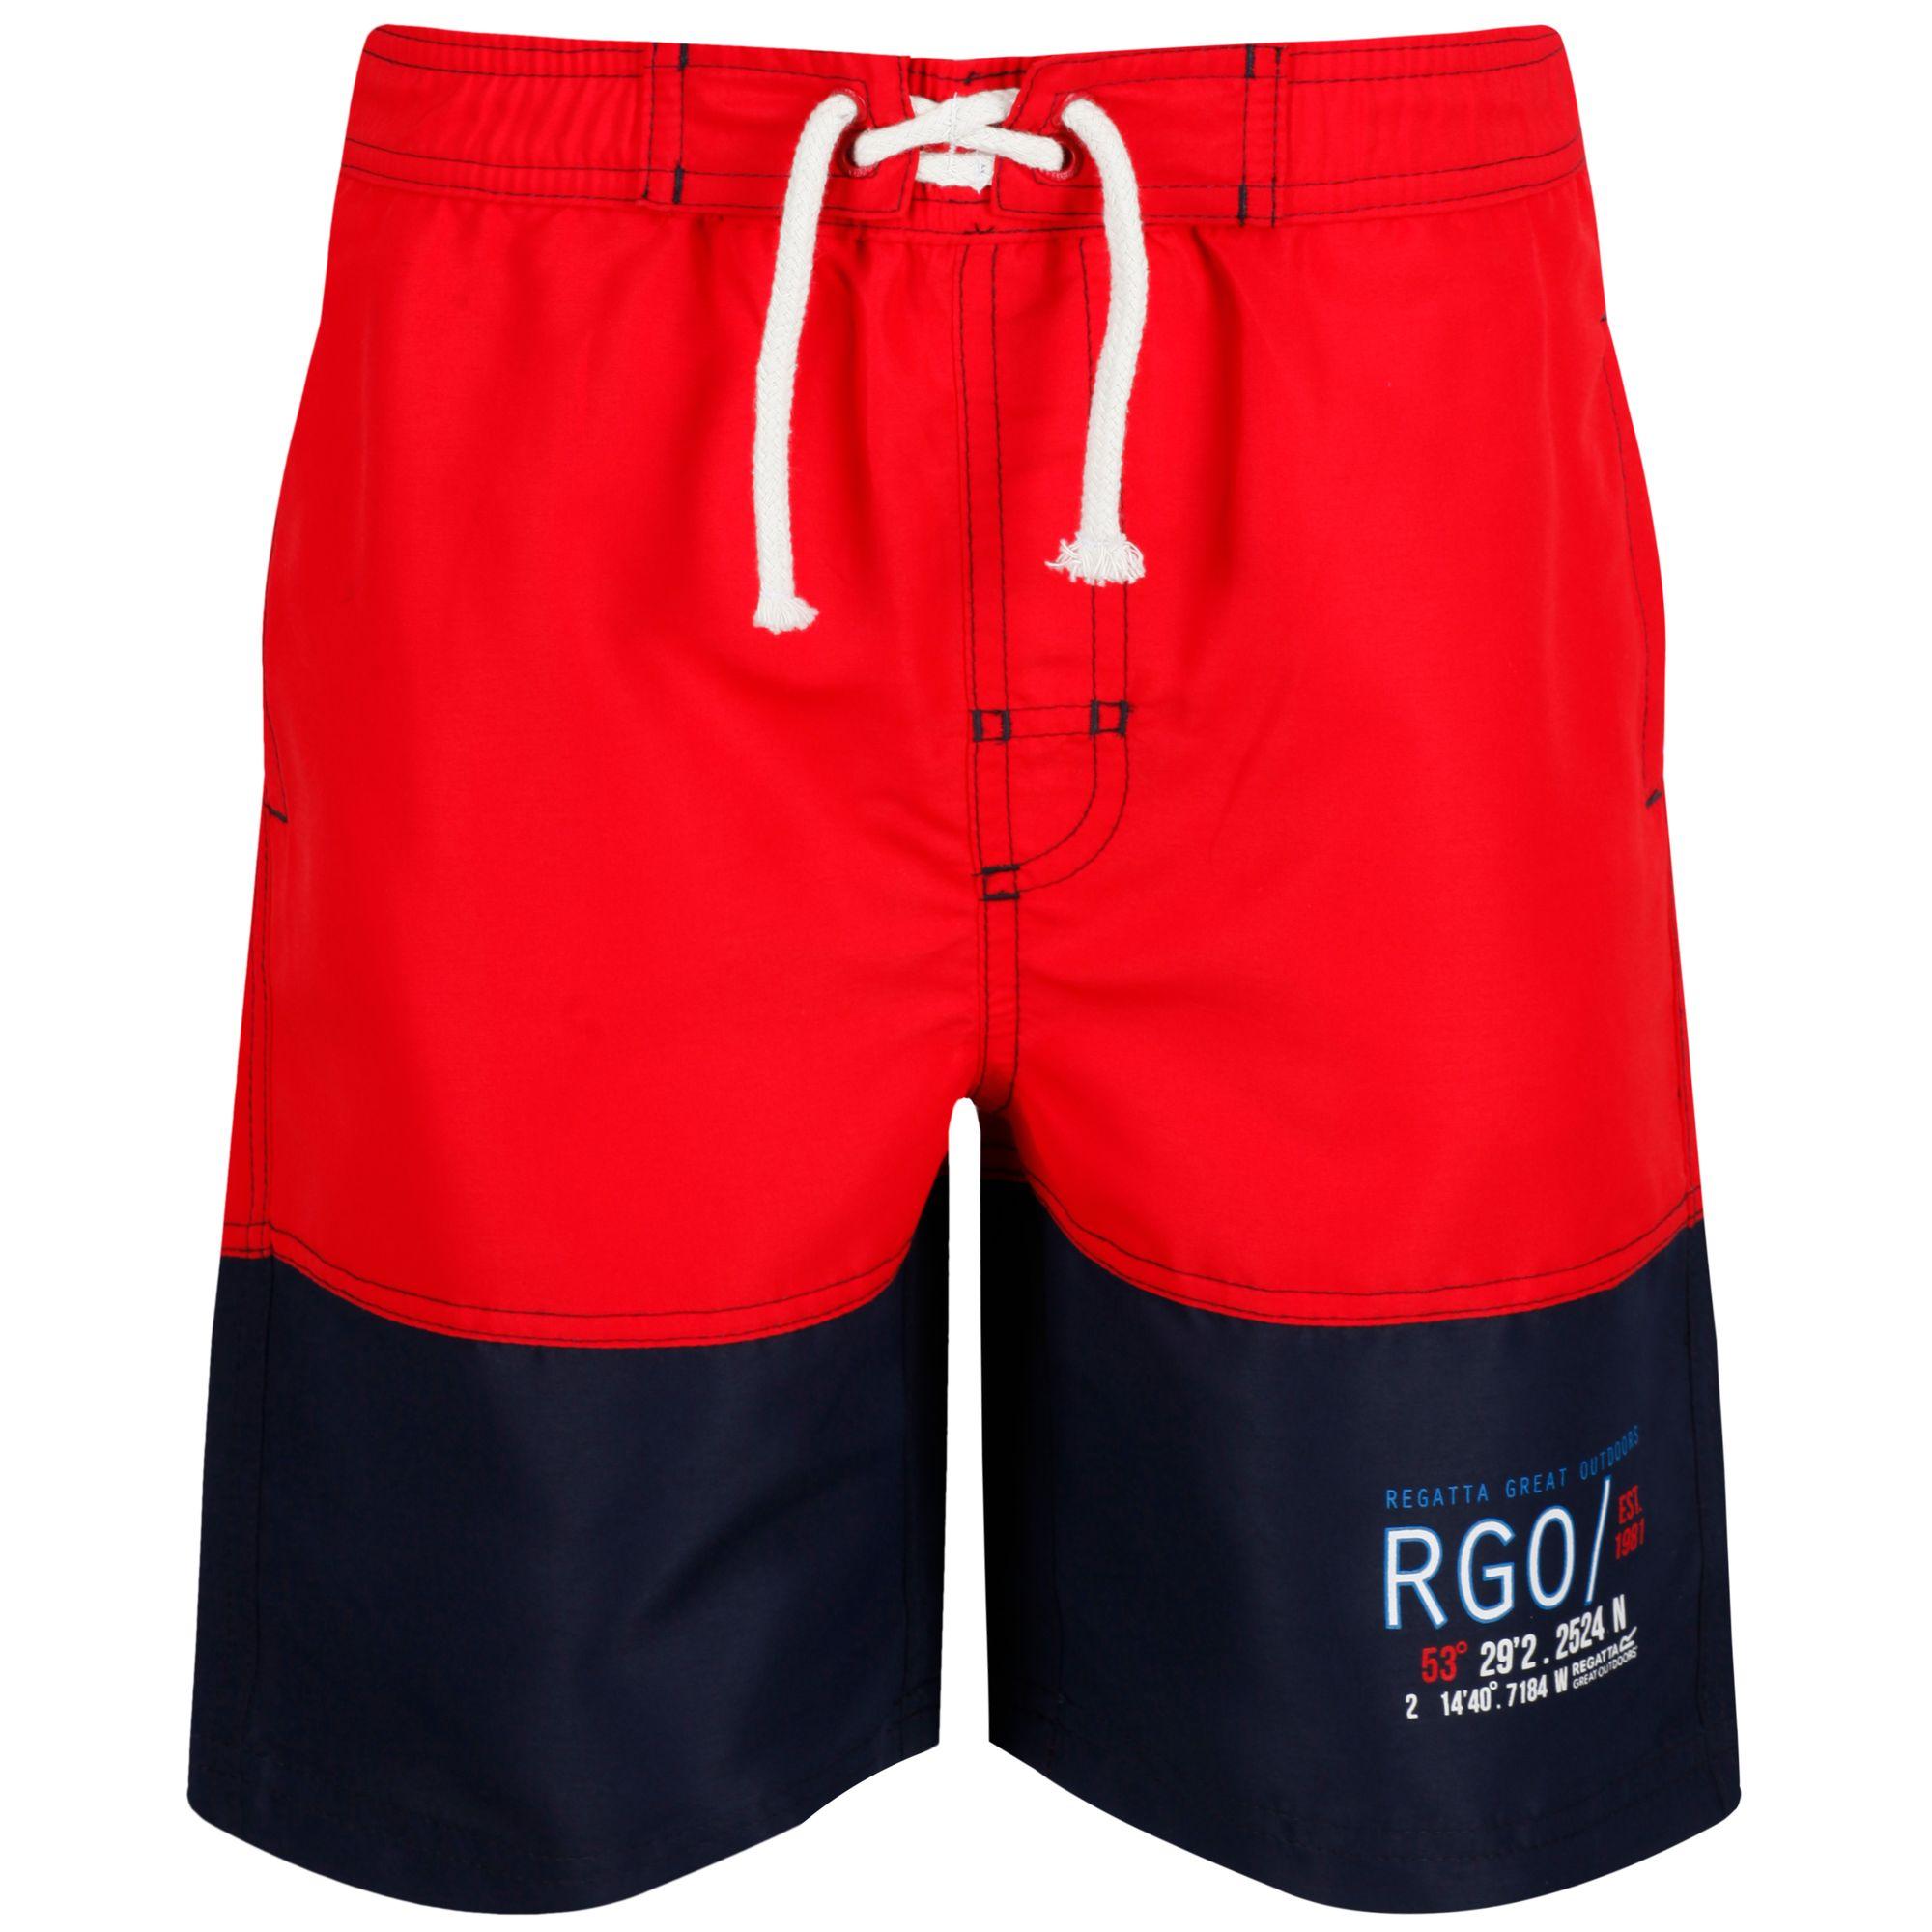 Купальные плавки детские Regatta Shaul II, цвет: красный, синий. RKM013-2V6. Размер 146/152, 11-12 летRKM013-2V6Детские шорты для плавания, 100% полиэстер Taslan. Быстросохнущая ткань. Сетчатая подкладка. Отделка декоративным шнурком. 2 кармана по бокам, 1 задний карман.